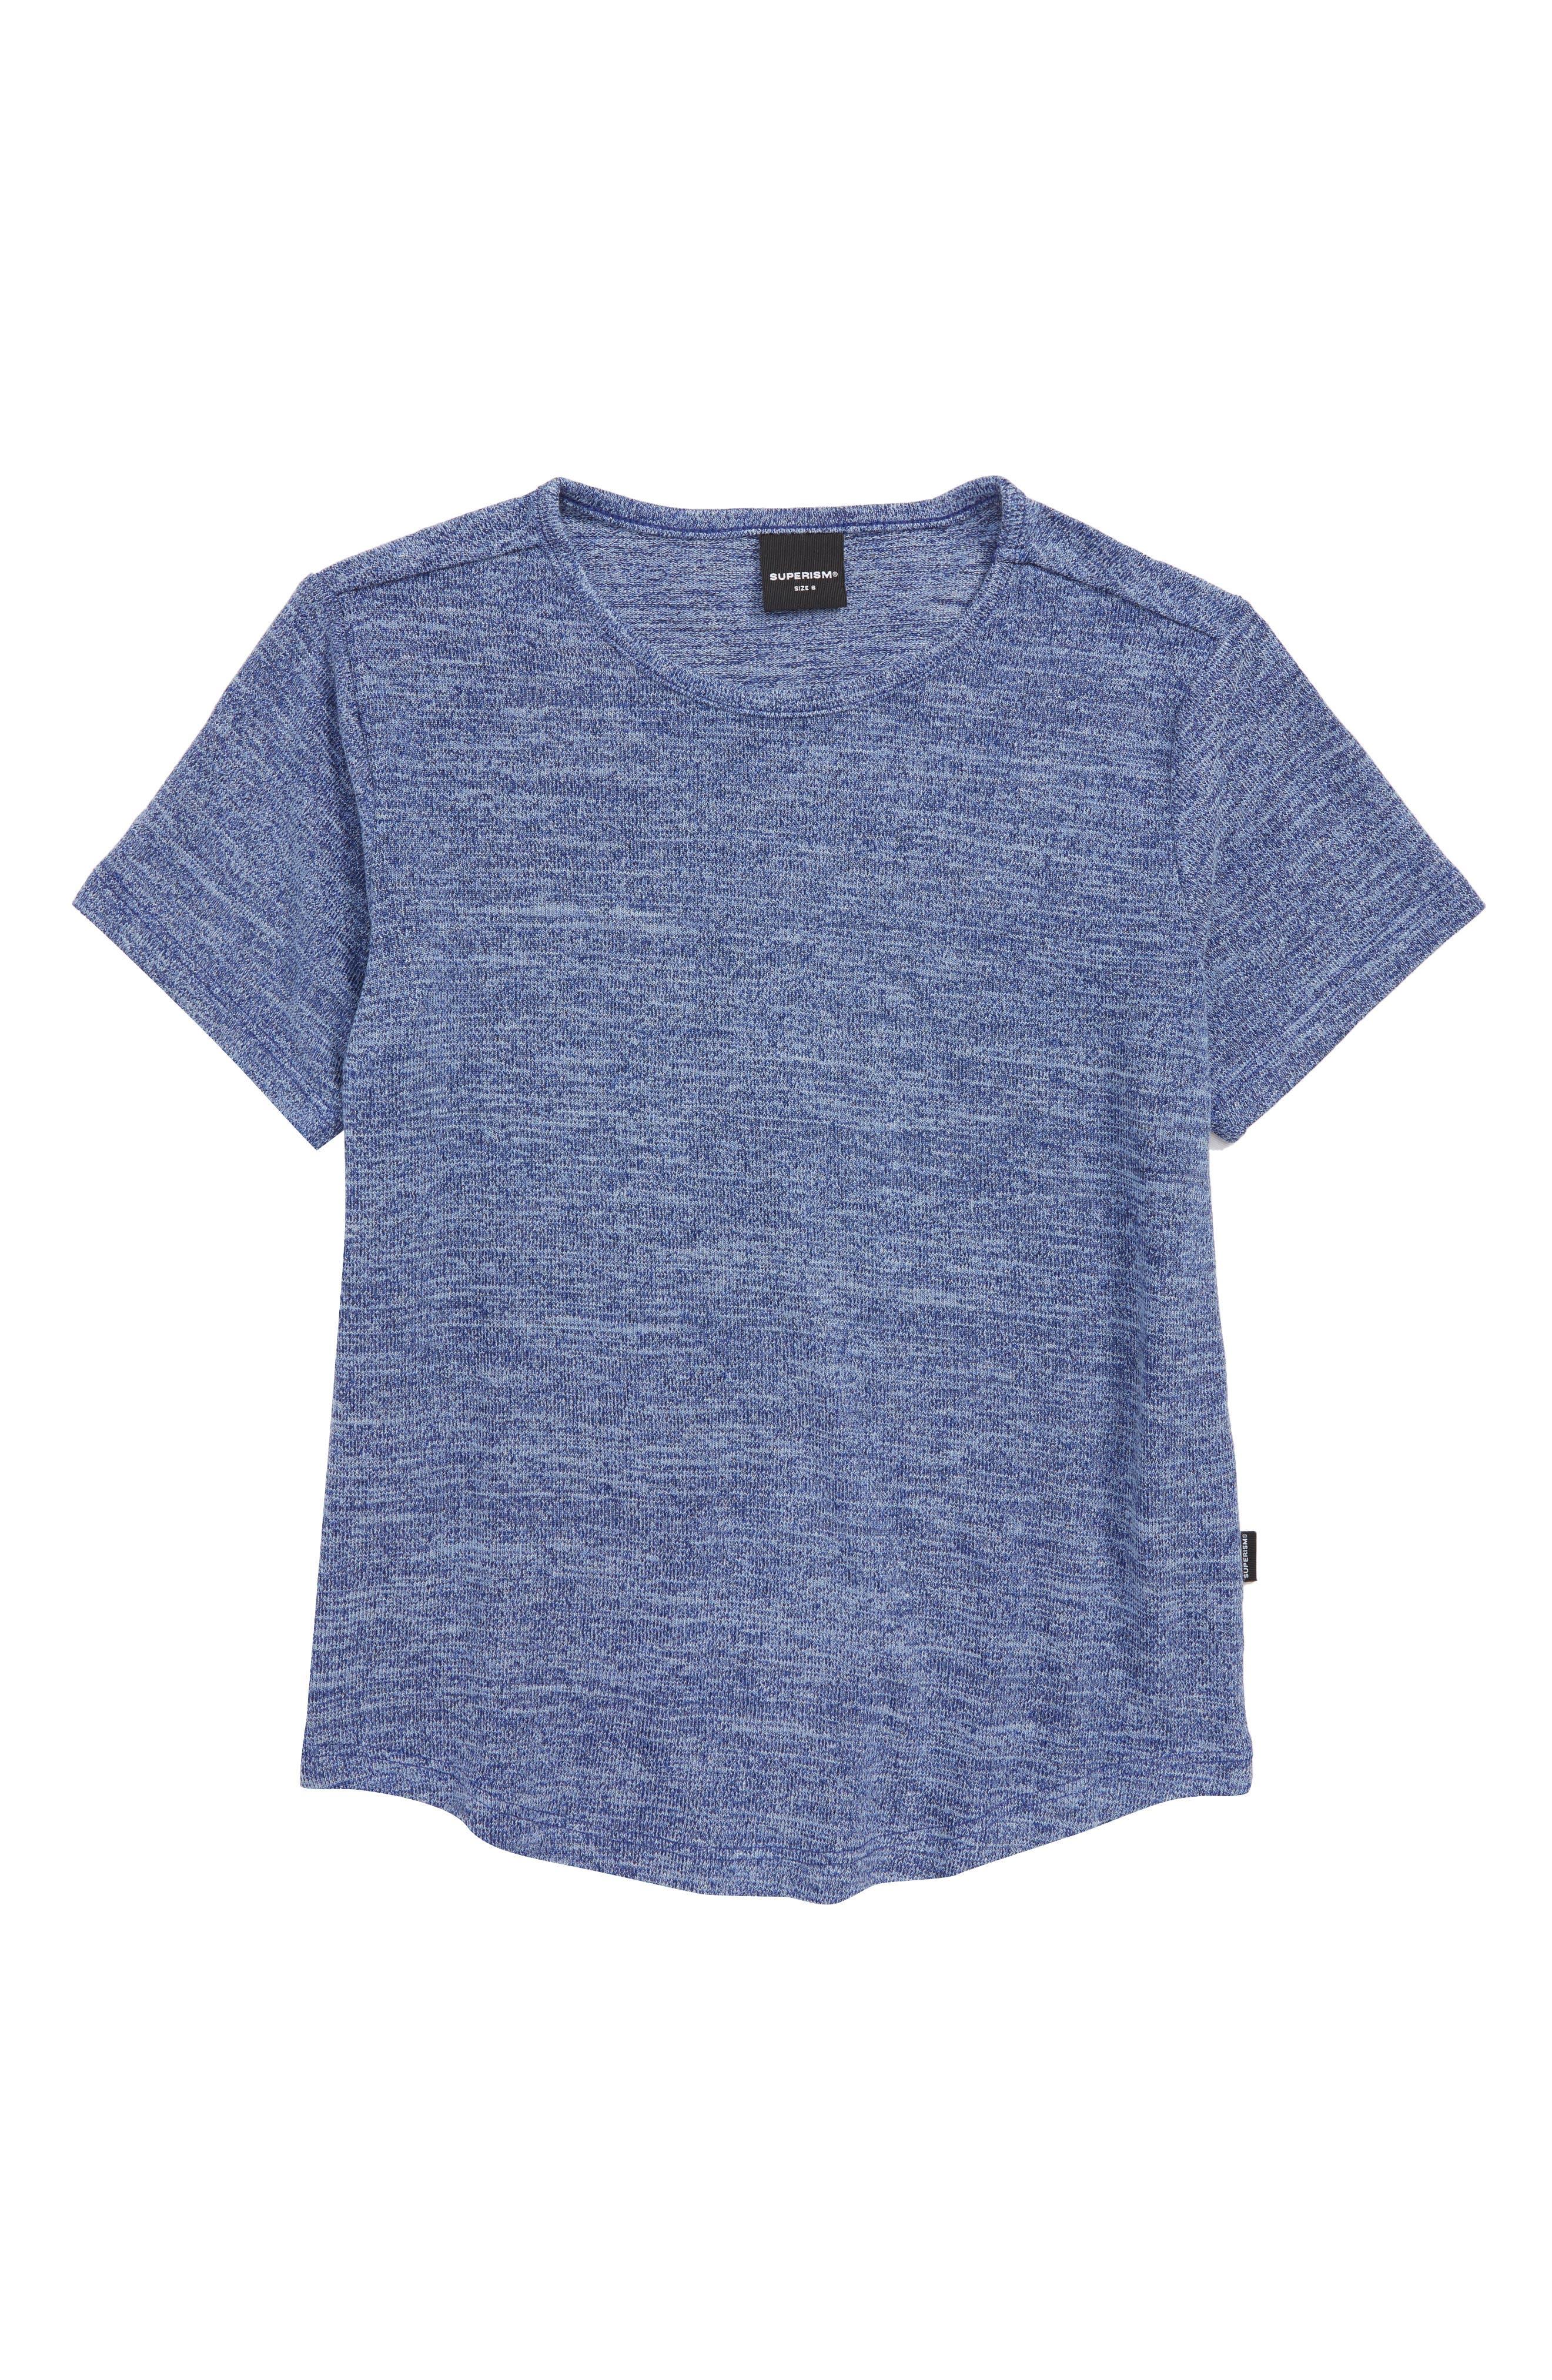 Landon Stretch T-Shirt,                         Main,                         color, BLUE